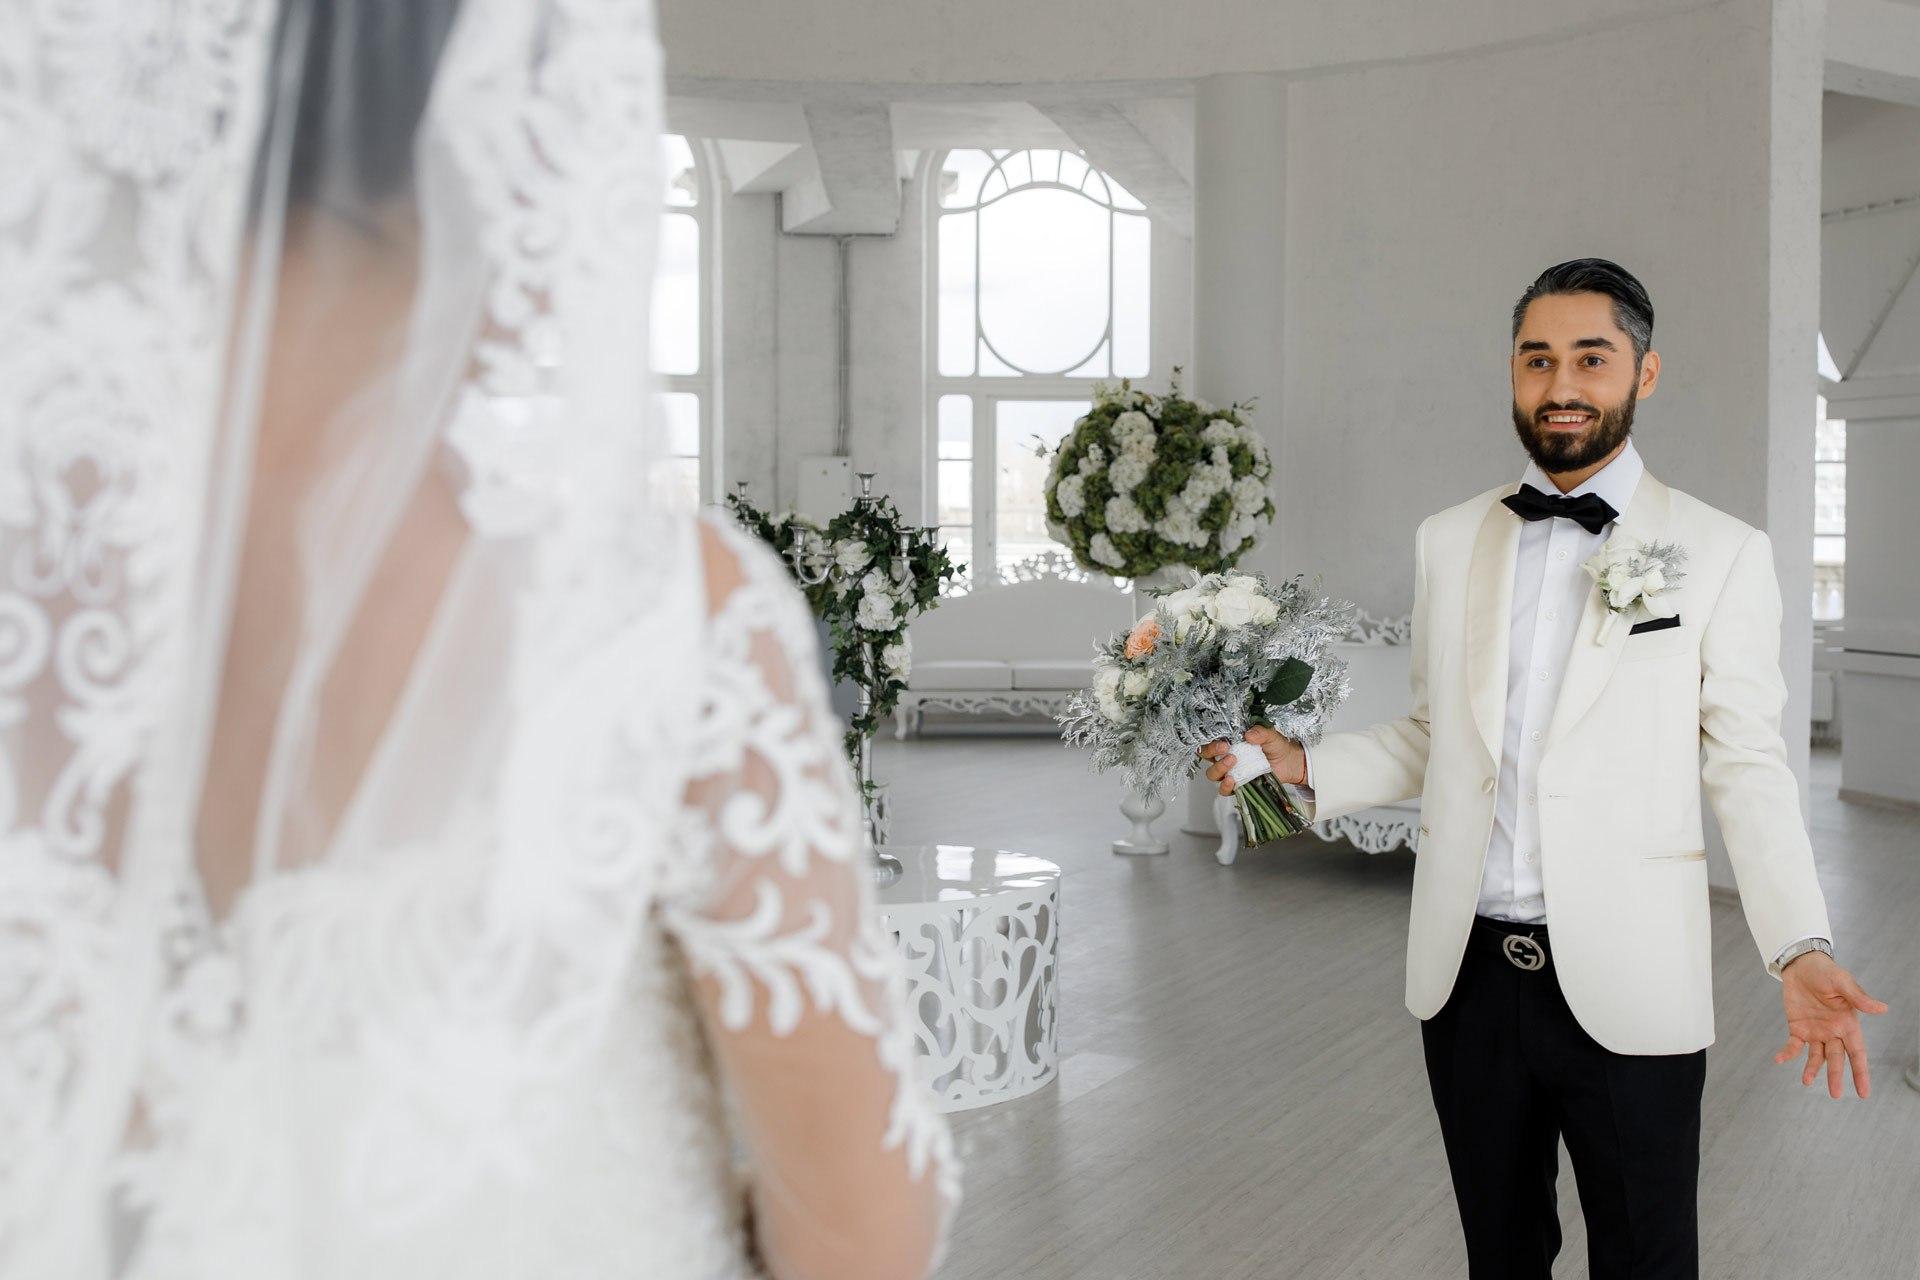 4upQ v1089c - Свадьба Большая или Маленькая?